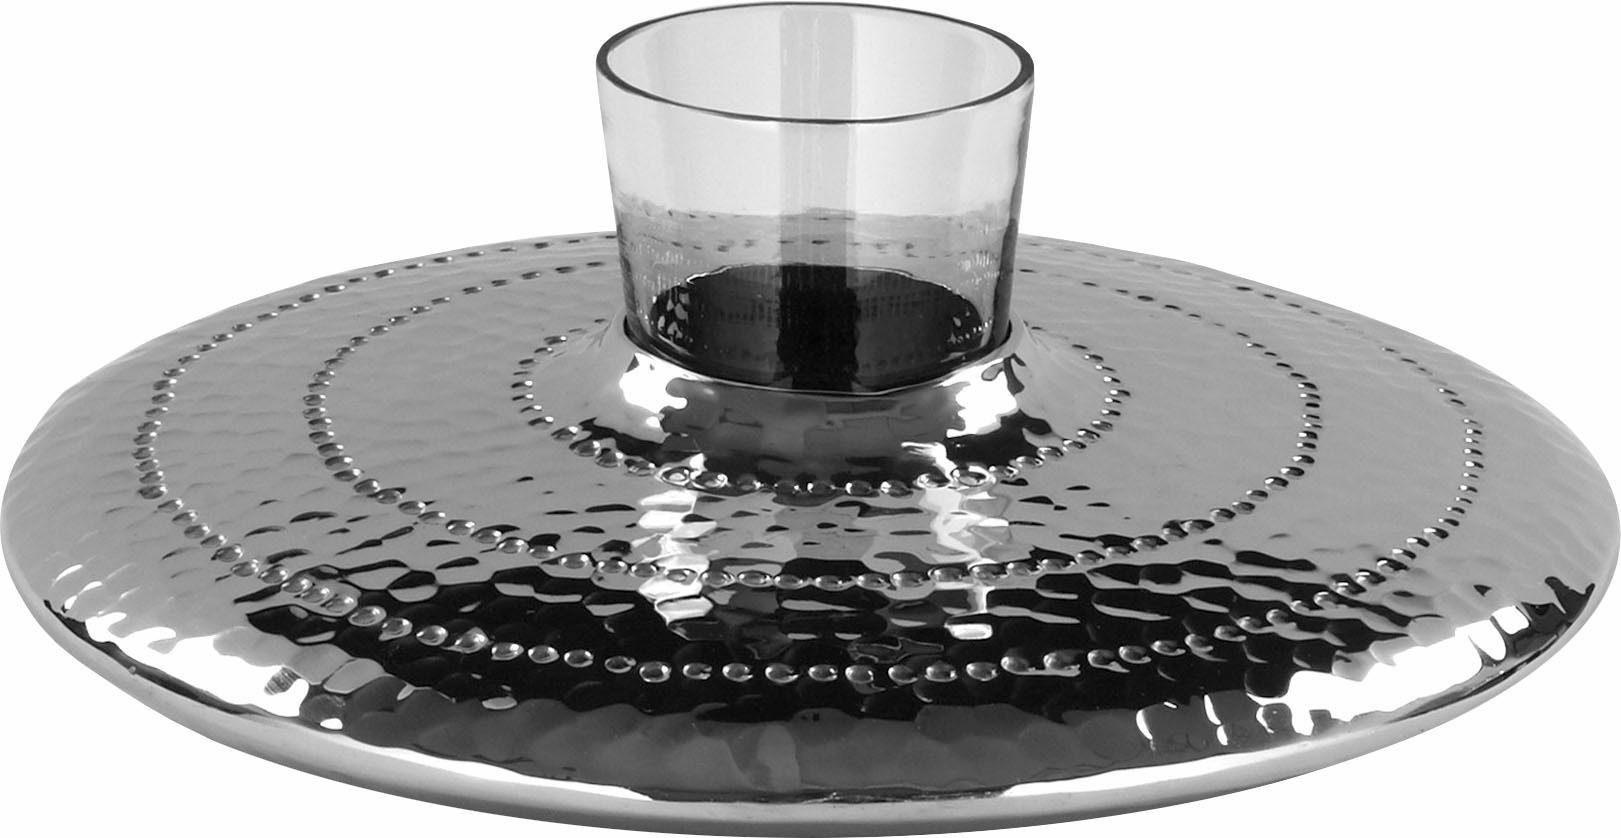 Fink Teelichthalter »SIWA« mit Glasaufsatz